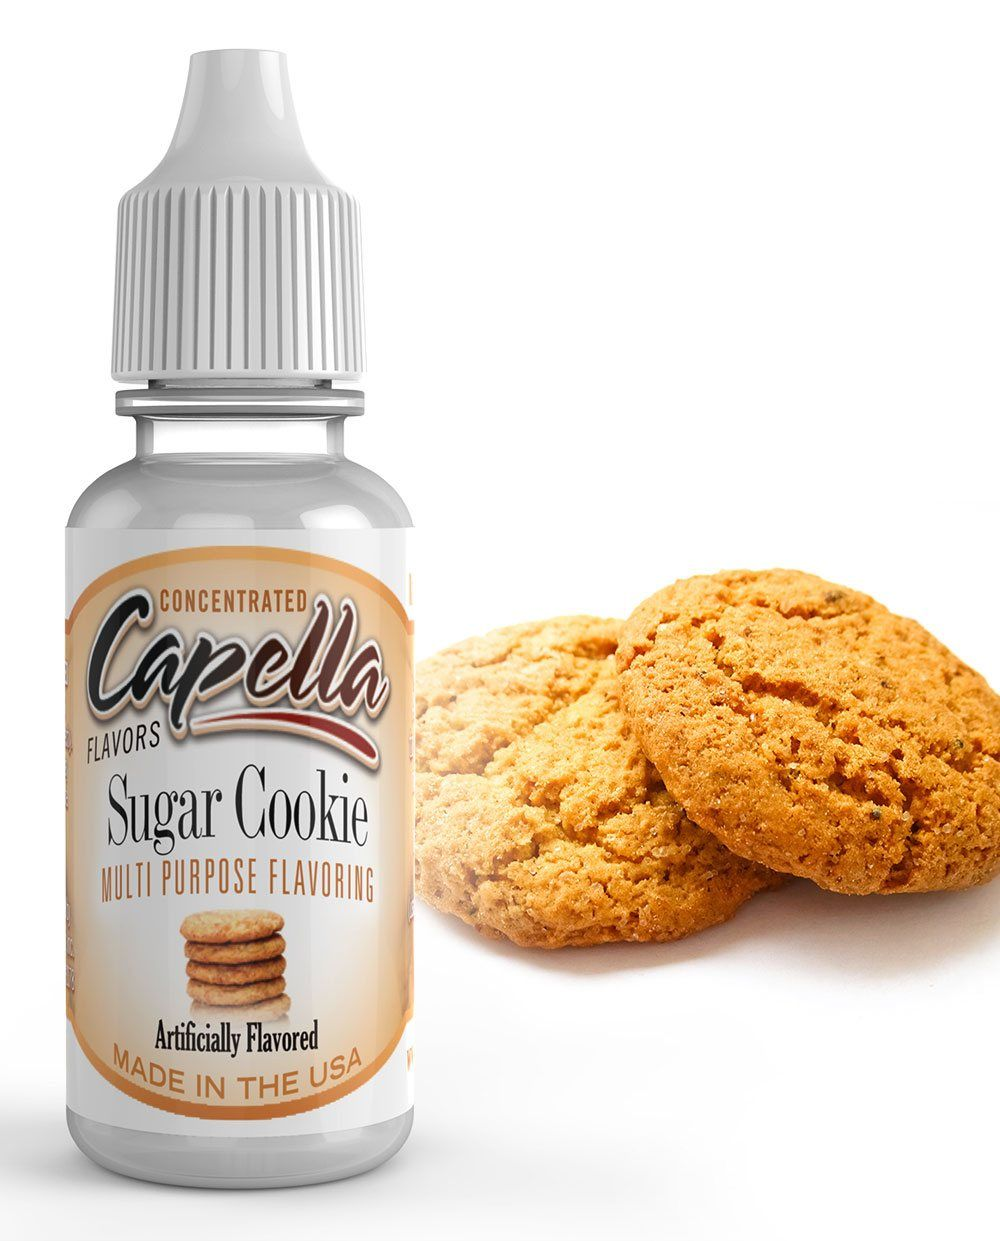 Capella Cinnamon Coffee Cake